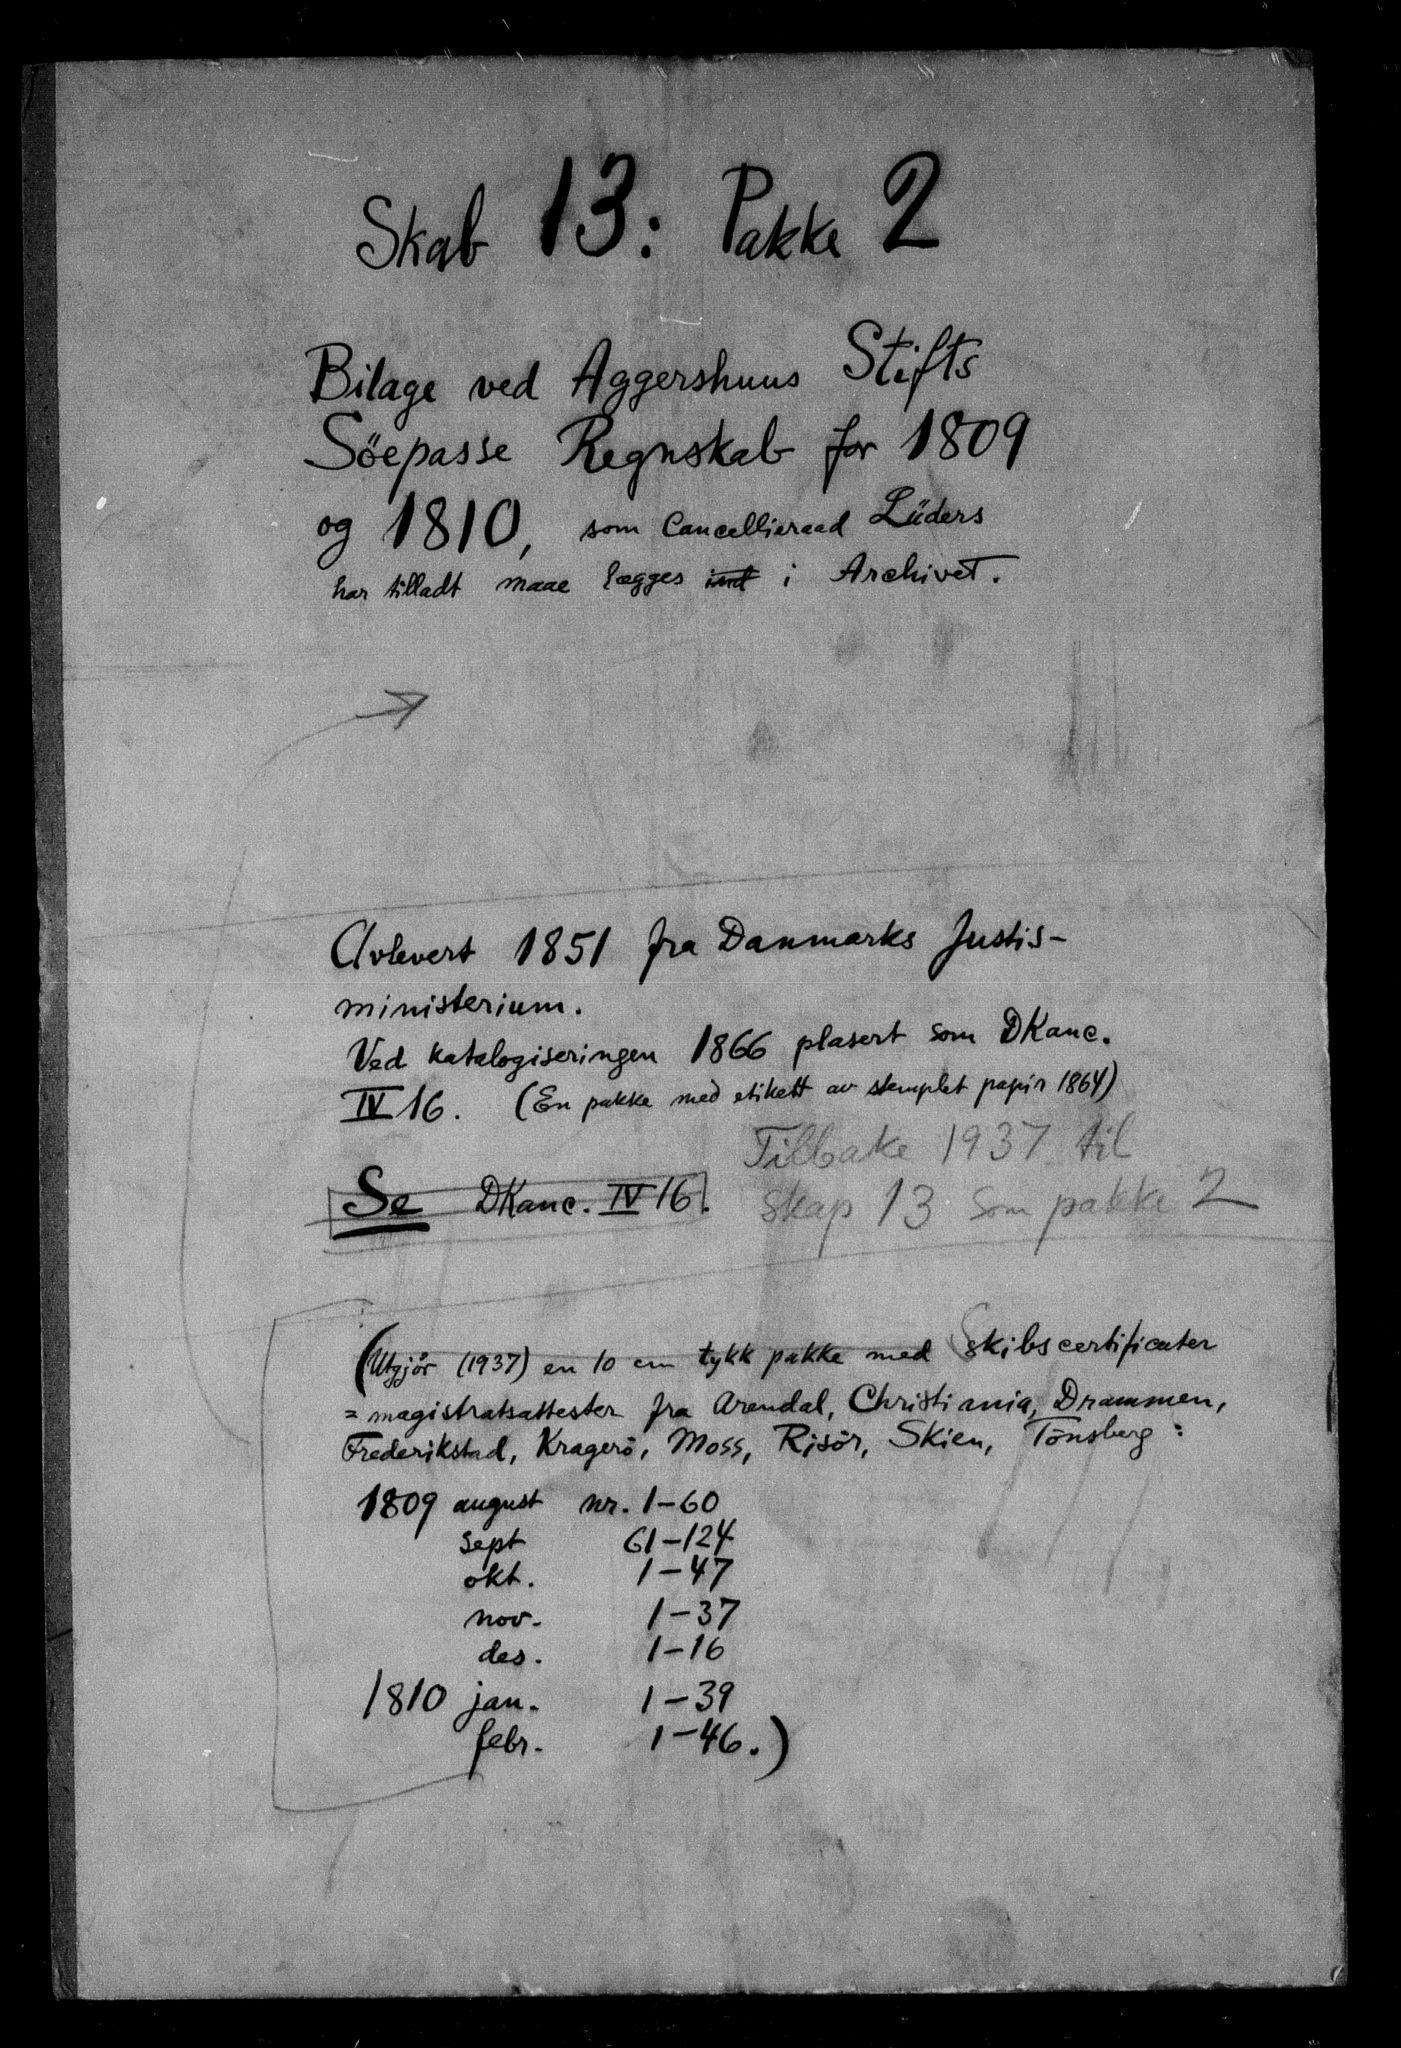 RA, Danske Kanselli, Skapsaker, F/L0052: Skap 13, pakke 2, 1809-1810, s. 3